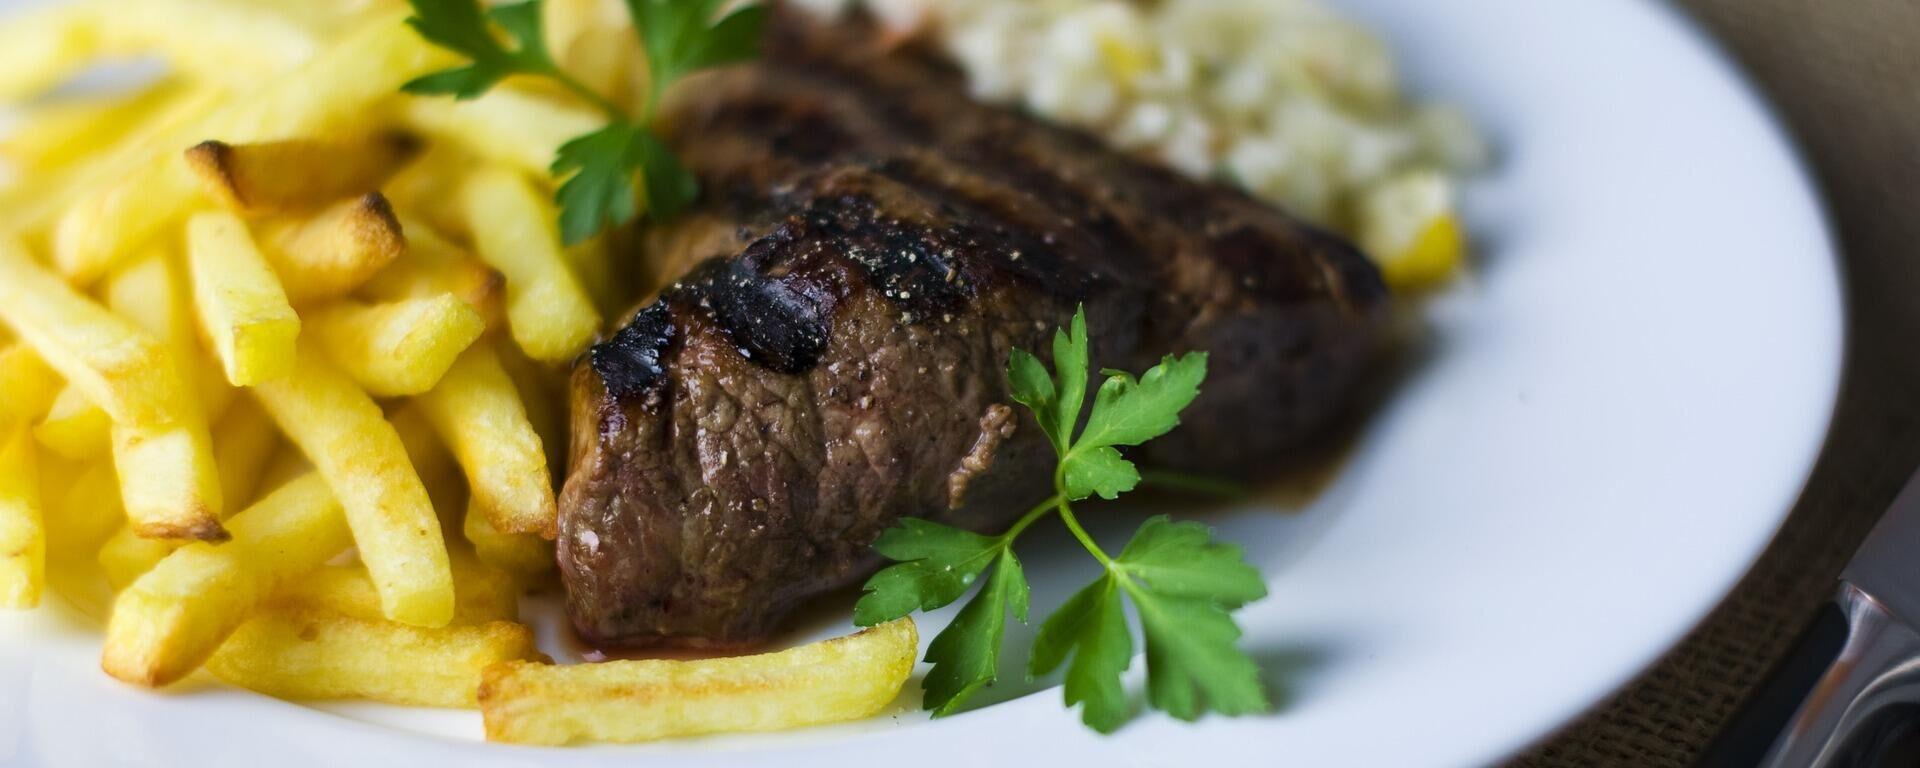 Κρέας με πατάτες - Sputnik Ελλάδα, 1920, 14.10.2021